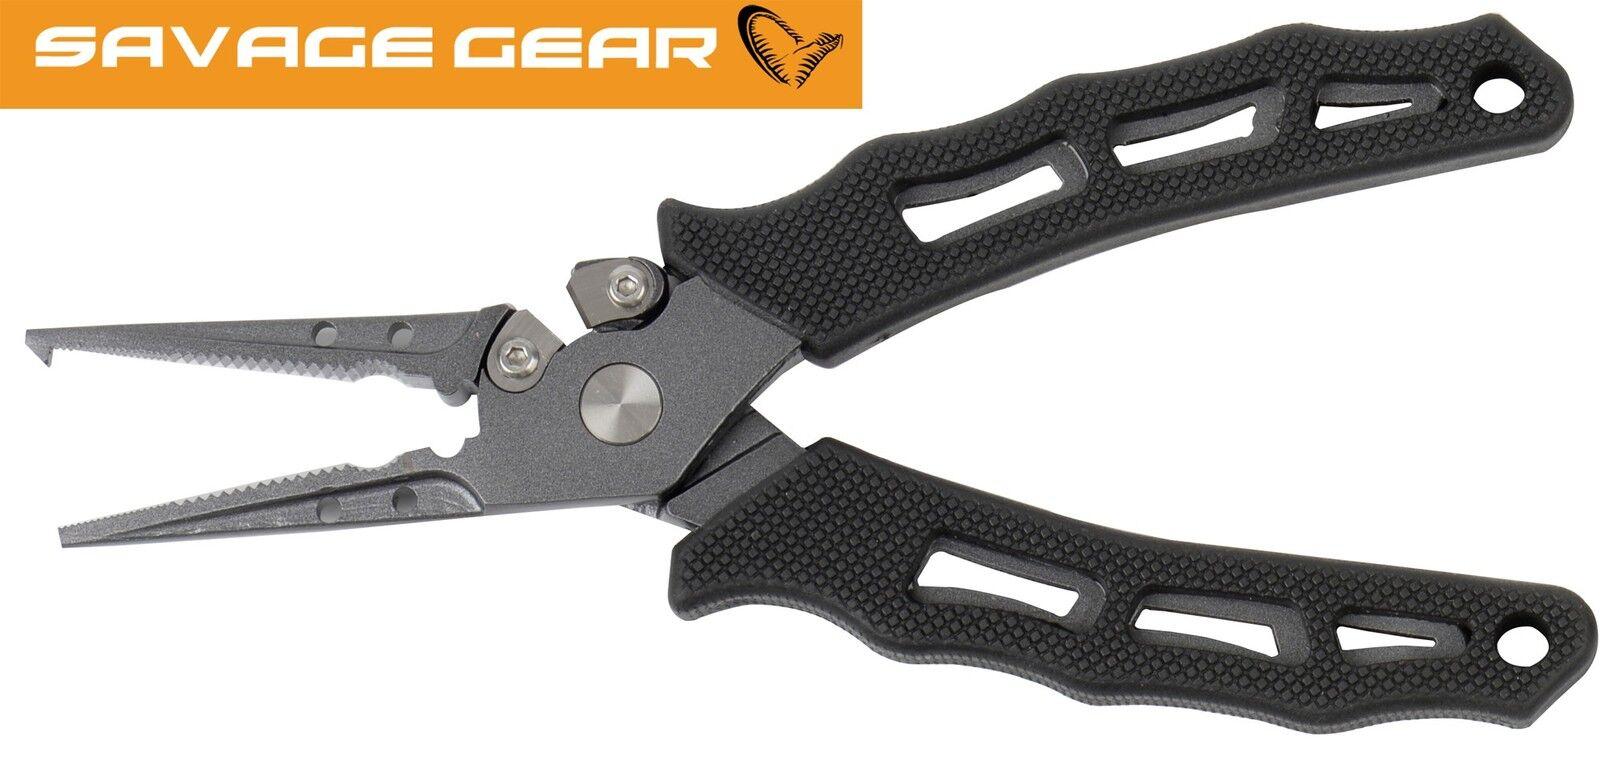 Savage Gear MP Pro Rig Plier - Sprengringzange, Sprengringzange, Sprengringzange, Angelzange für Sprengringe a97e2f